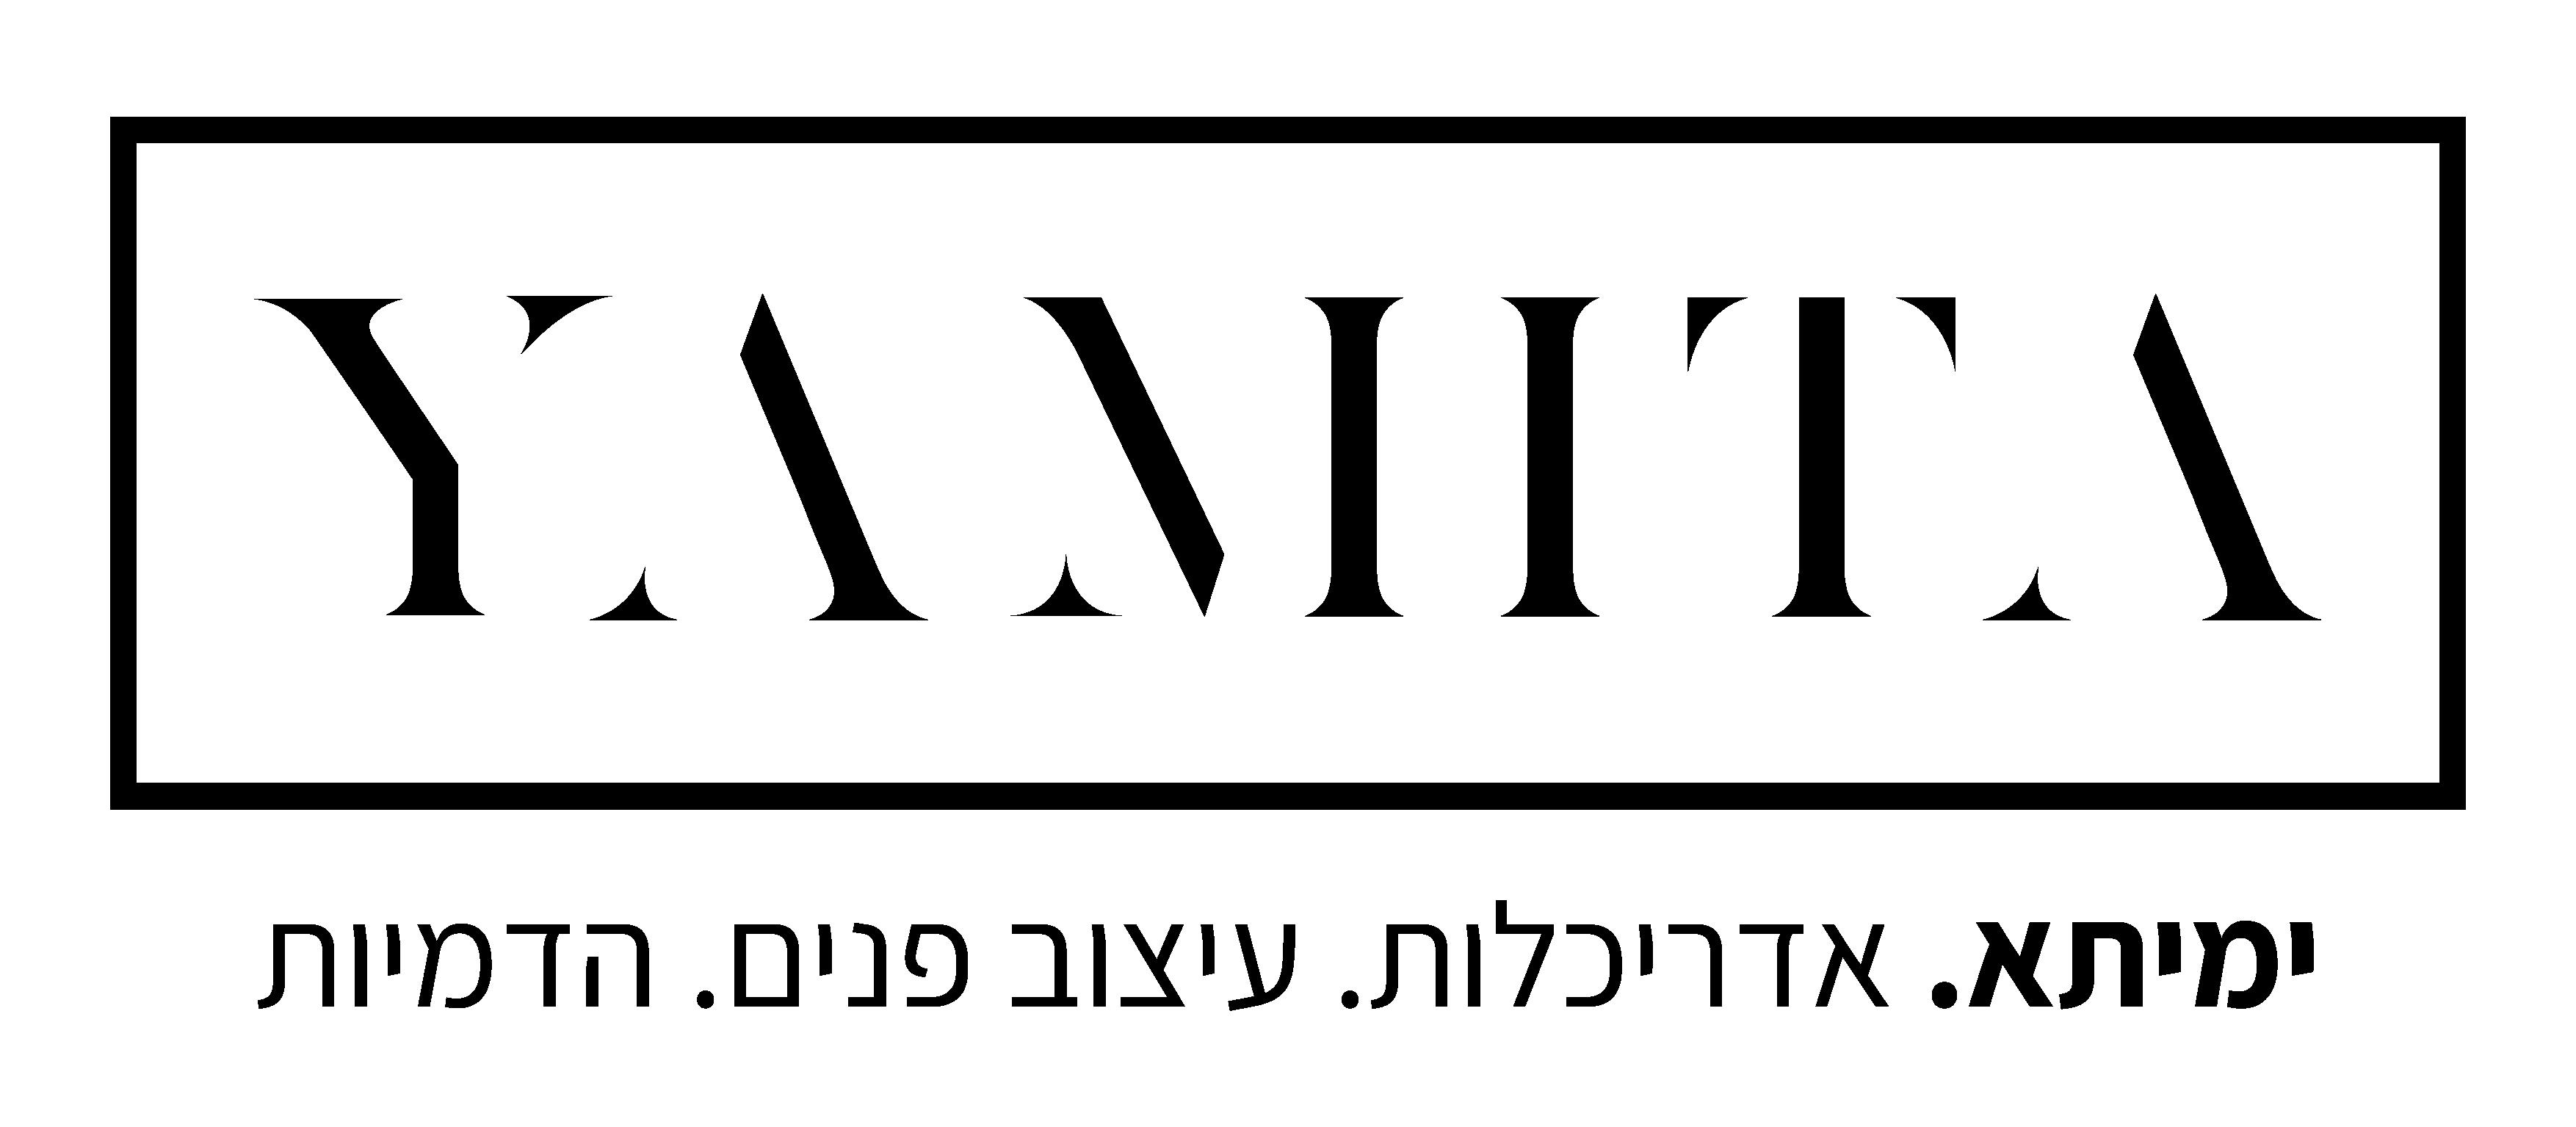 ימיתא